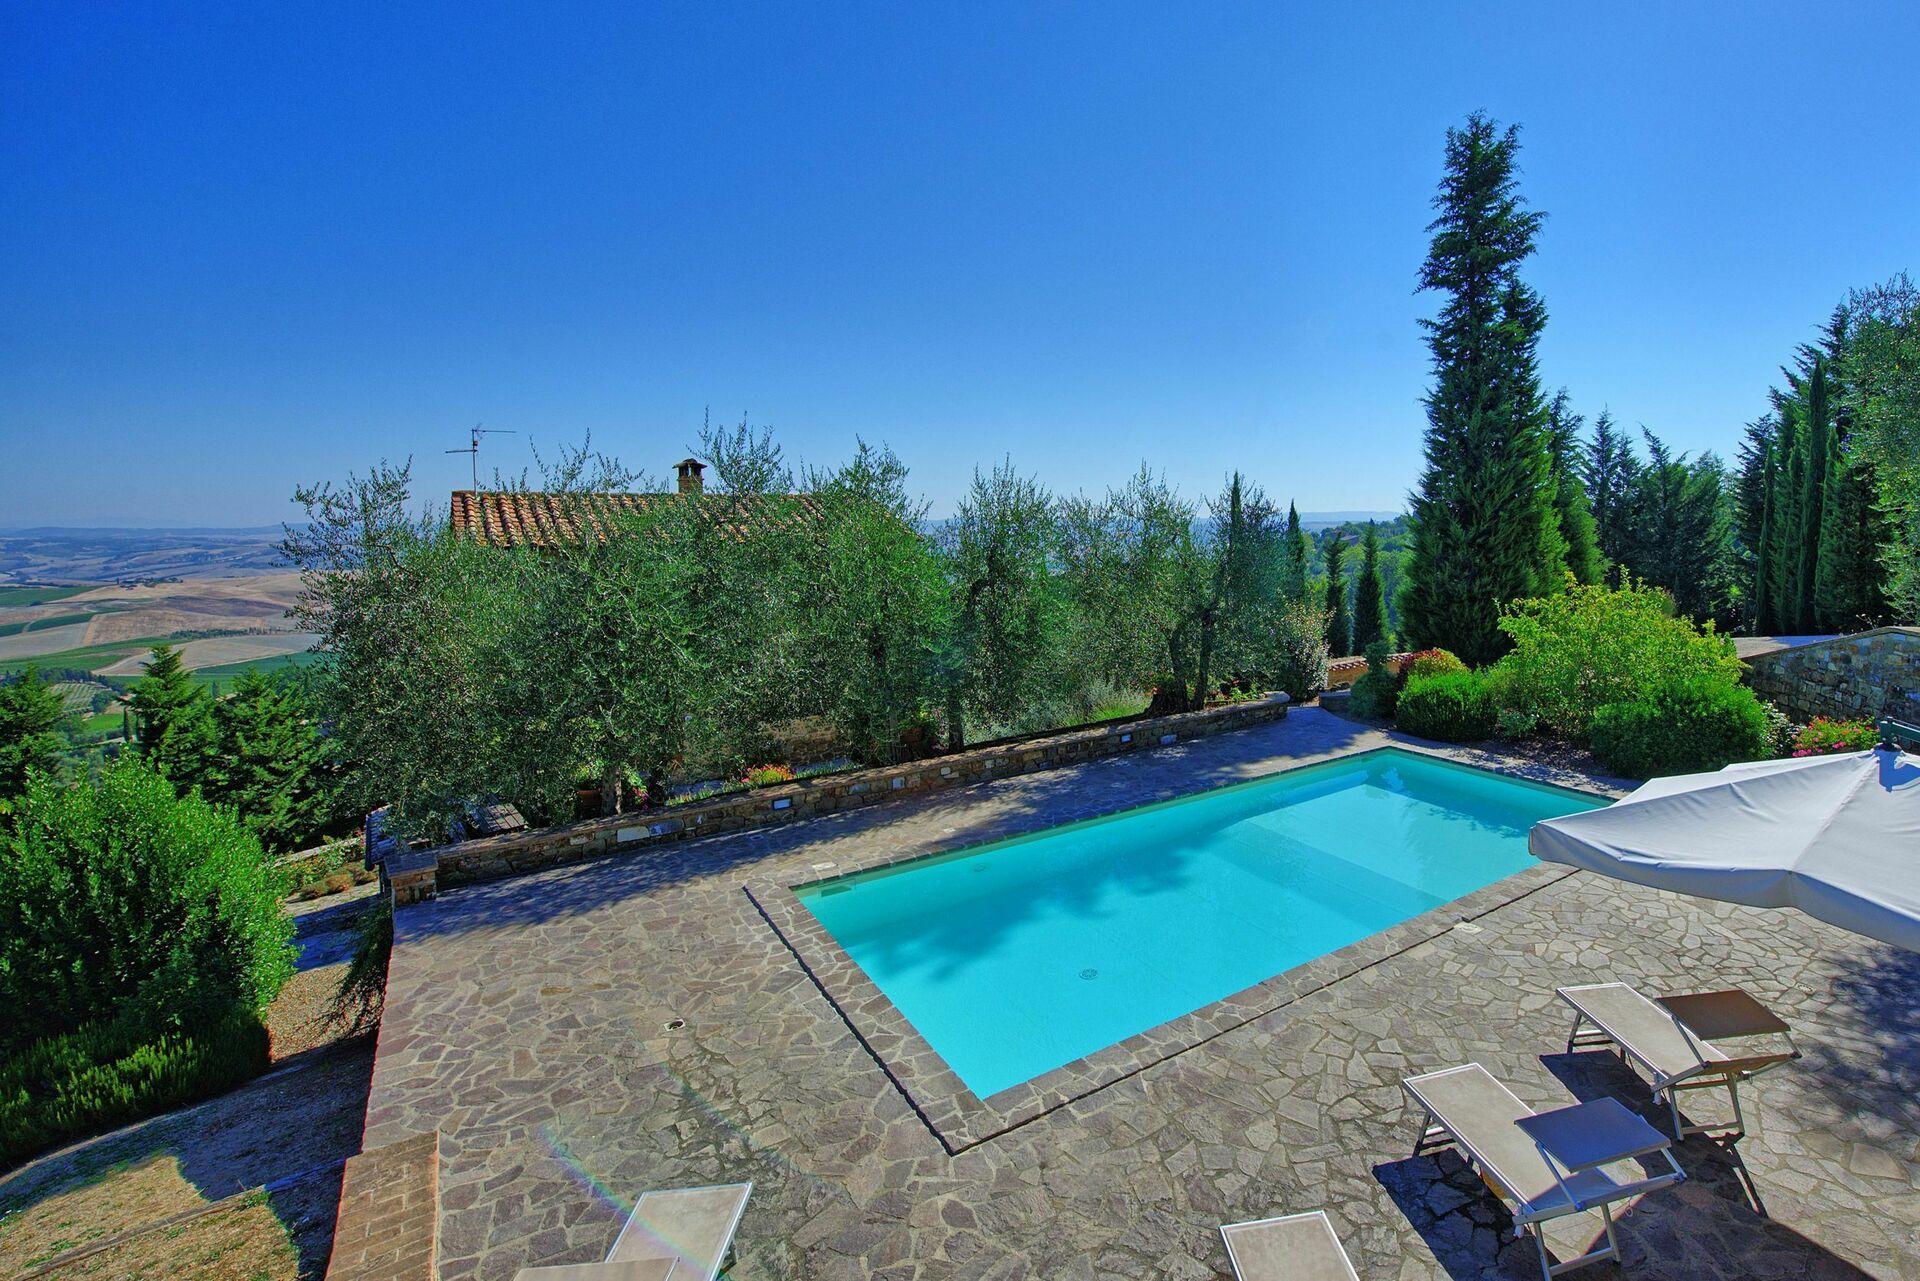 villa montalcino luxus ferienhaus in montalcino toskana 8 schlafpl tze und 3 schlafzimmer. Black Bedroom Furniture Sets. Home Design Ideas